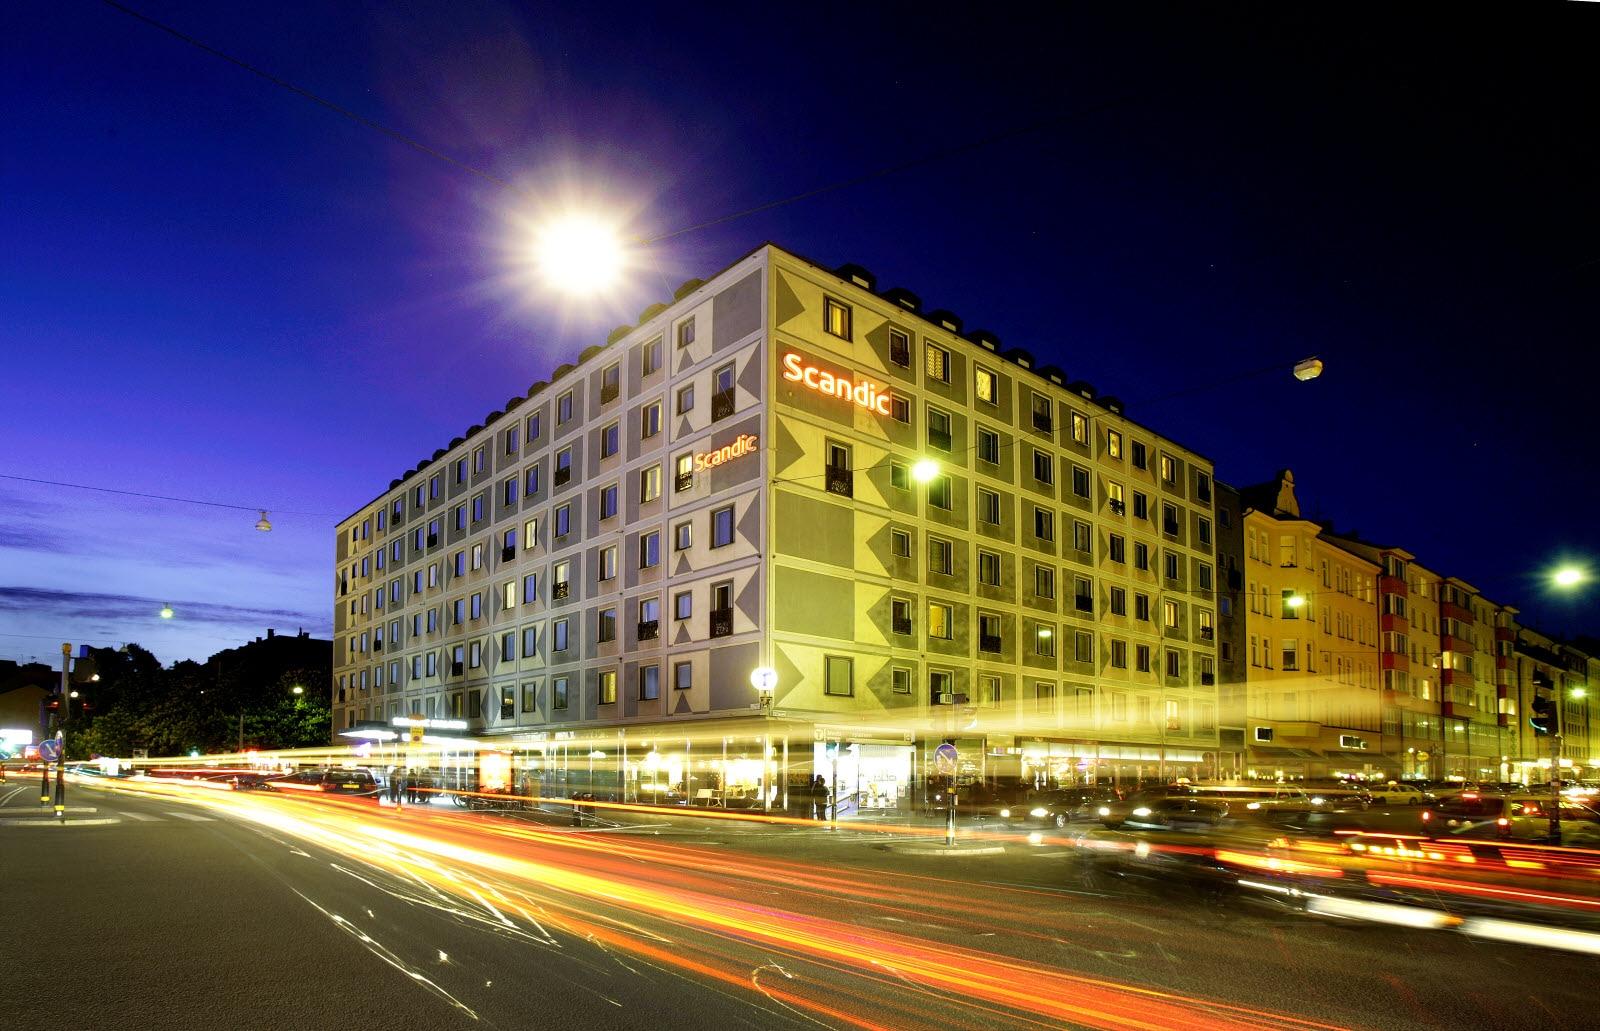 hotell utenfor stockholm